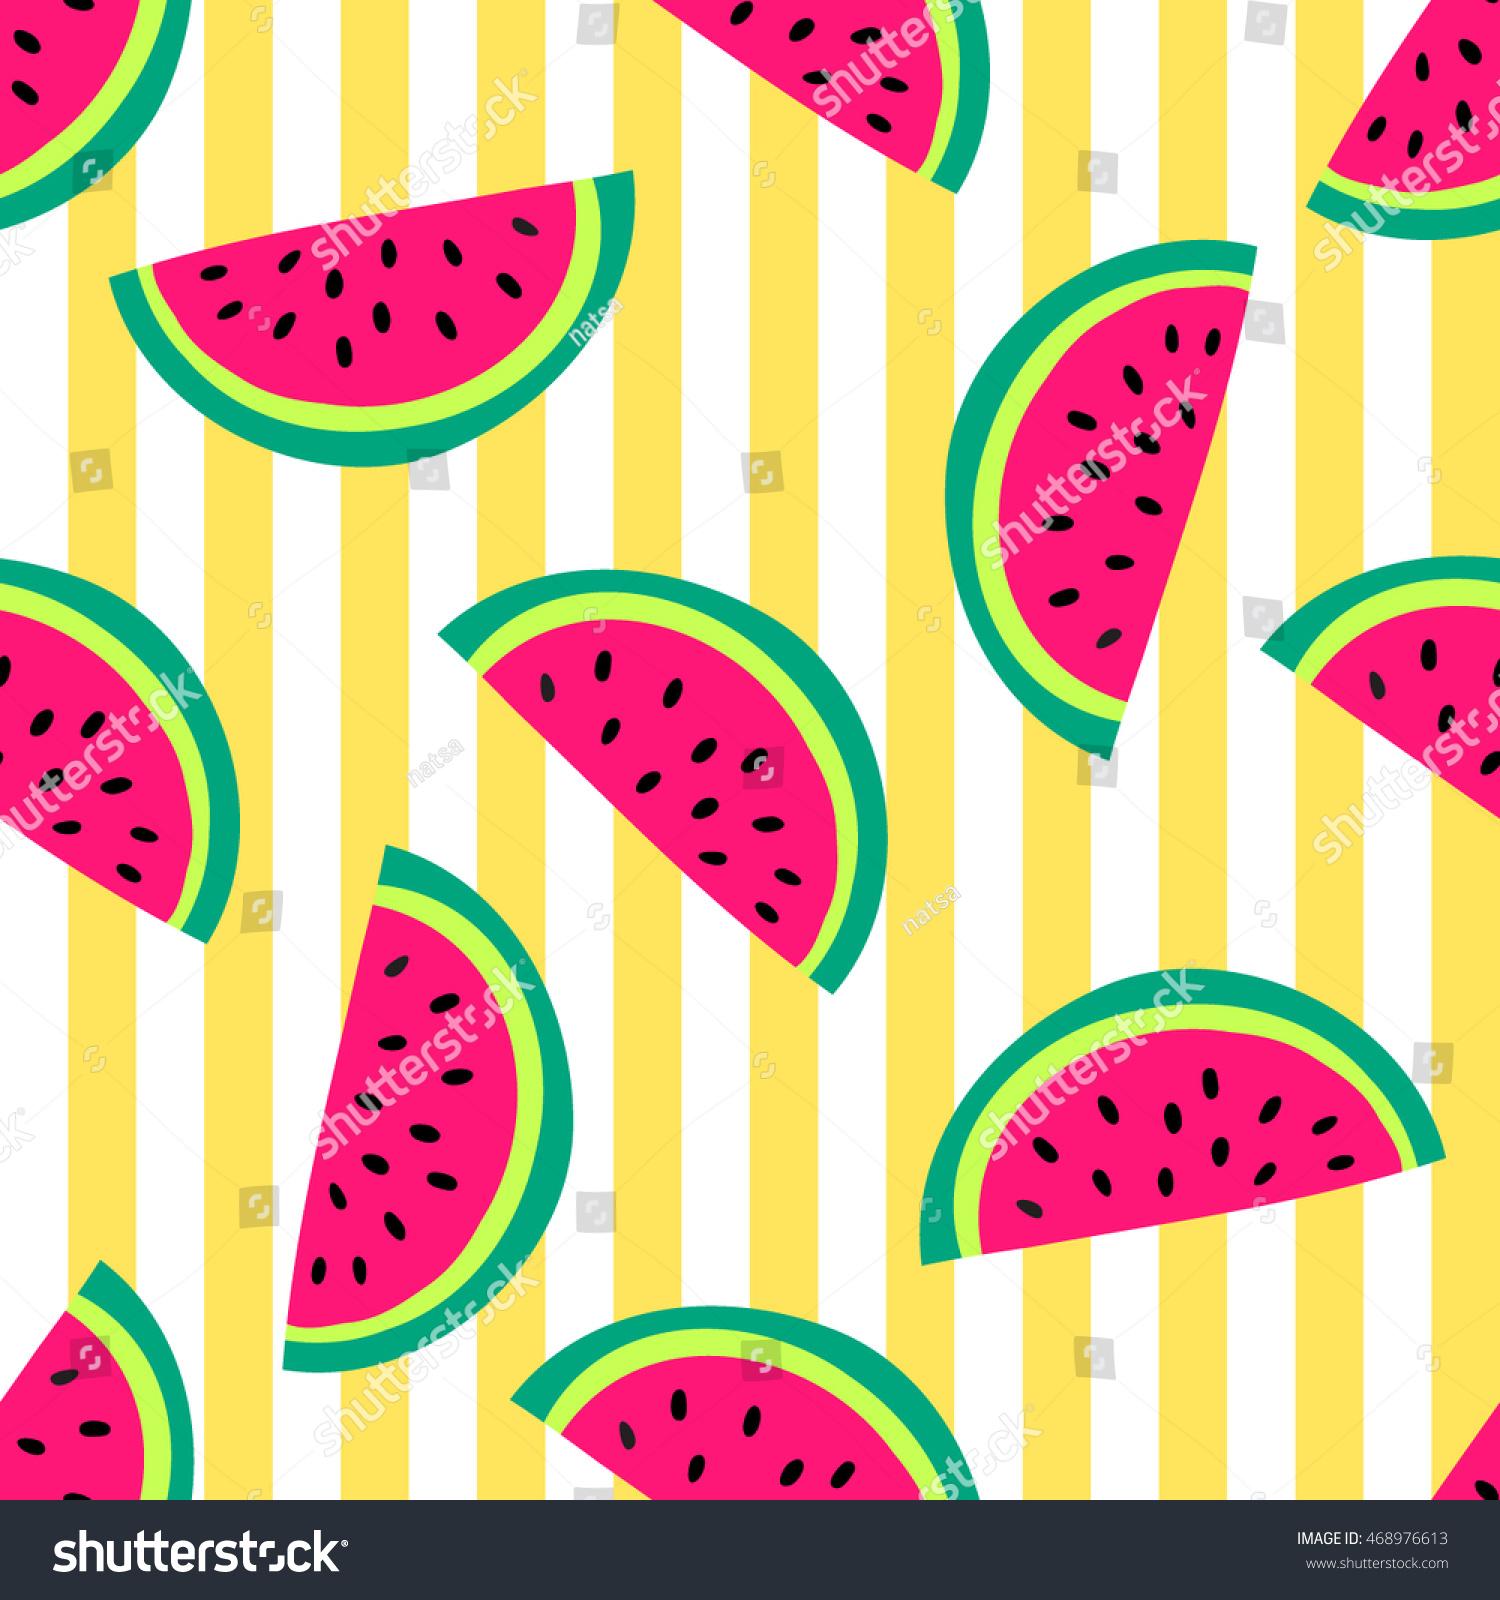 Download Wallpaper 1920x1080 Watermelon, Yellow watermelon ...